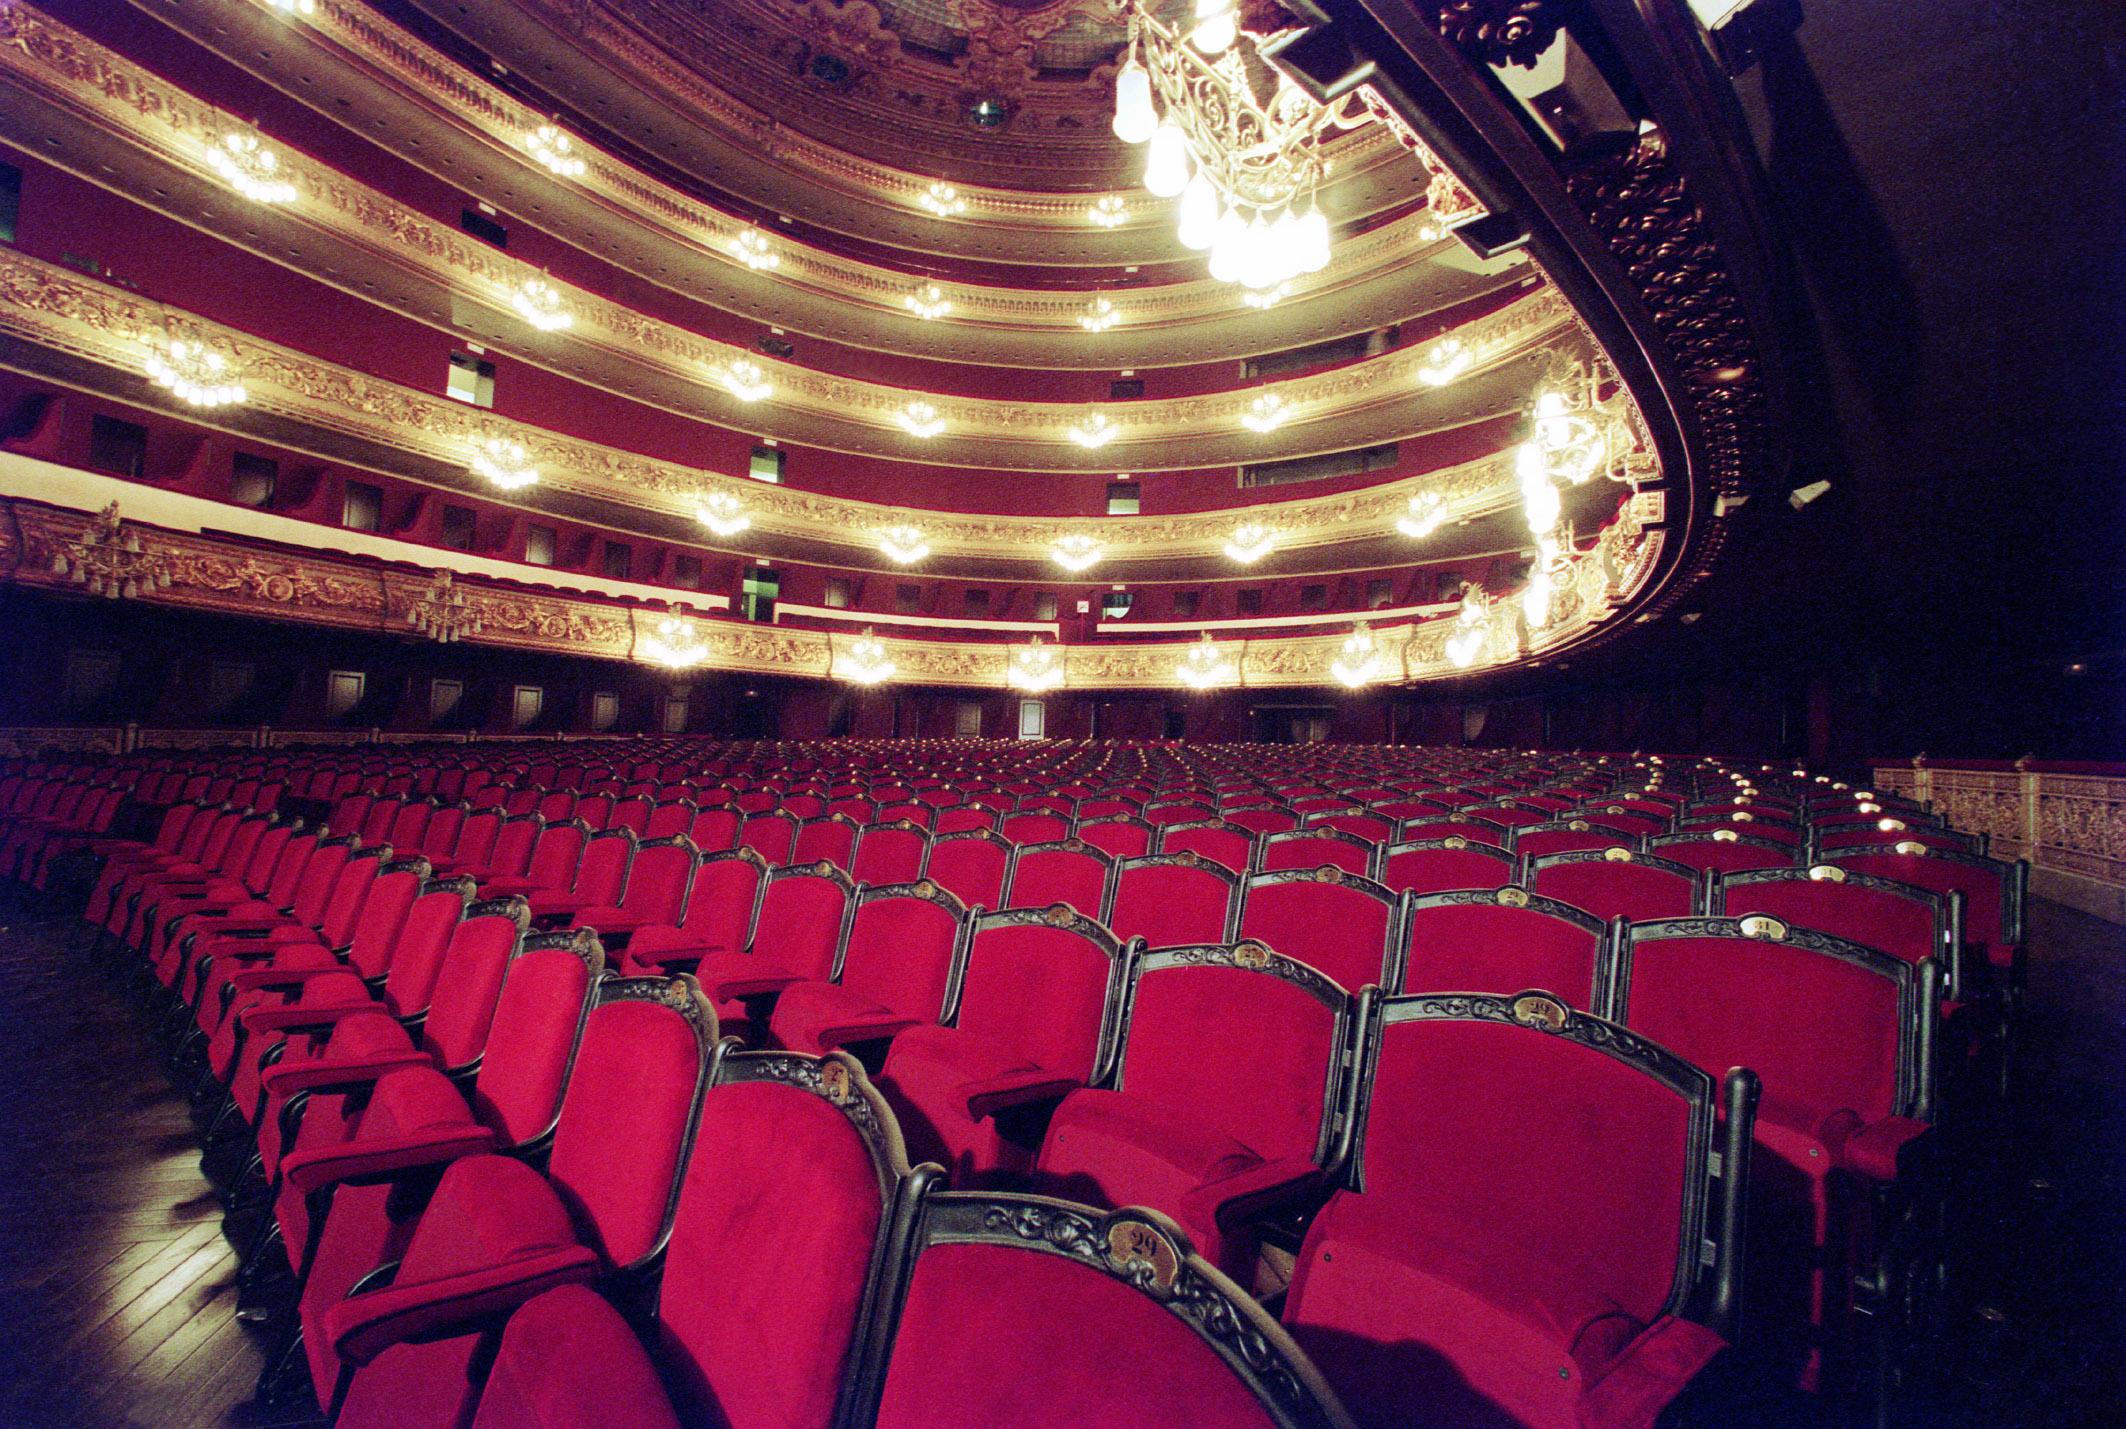 Room Escape in Liceu Opera Barcelona